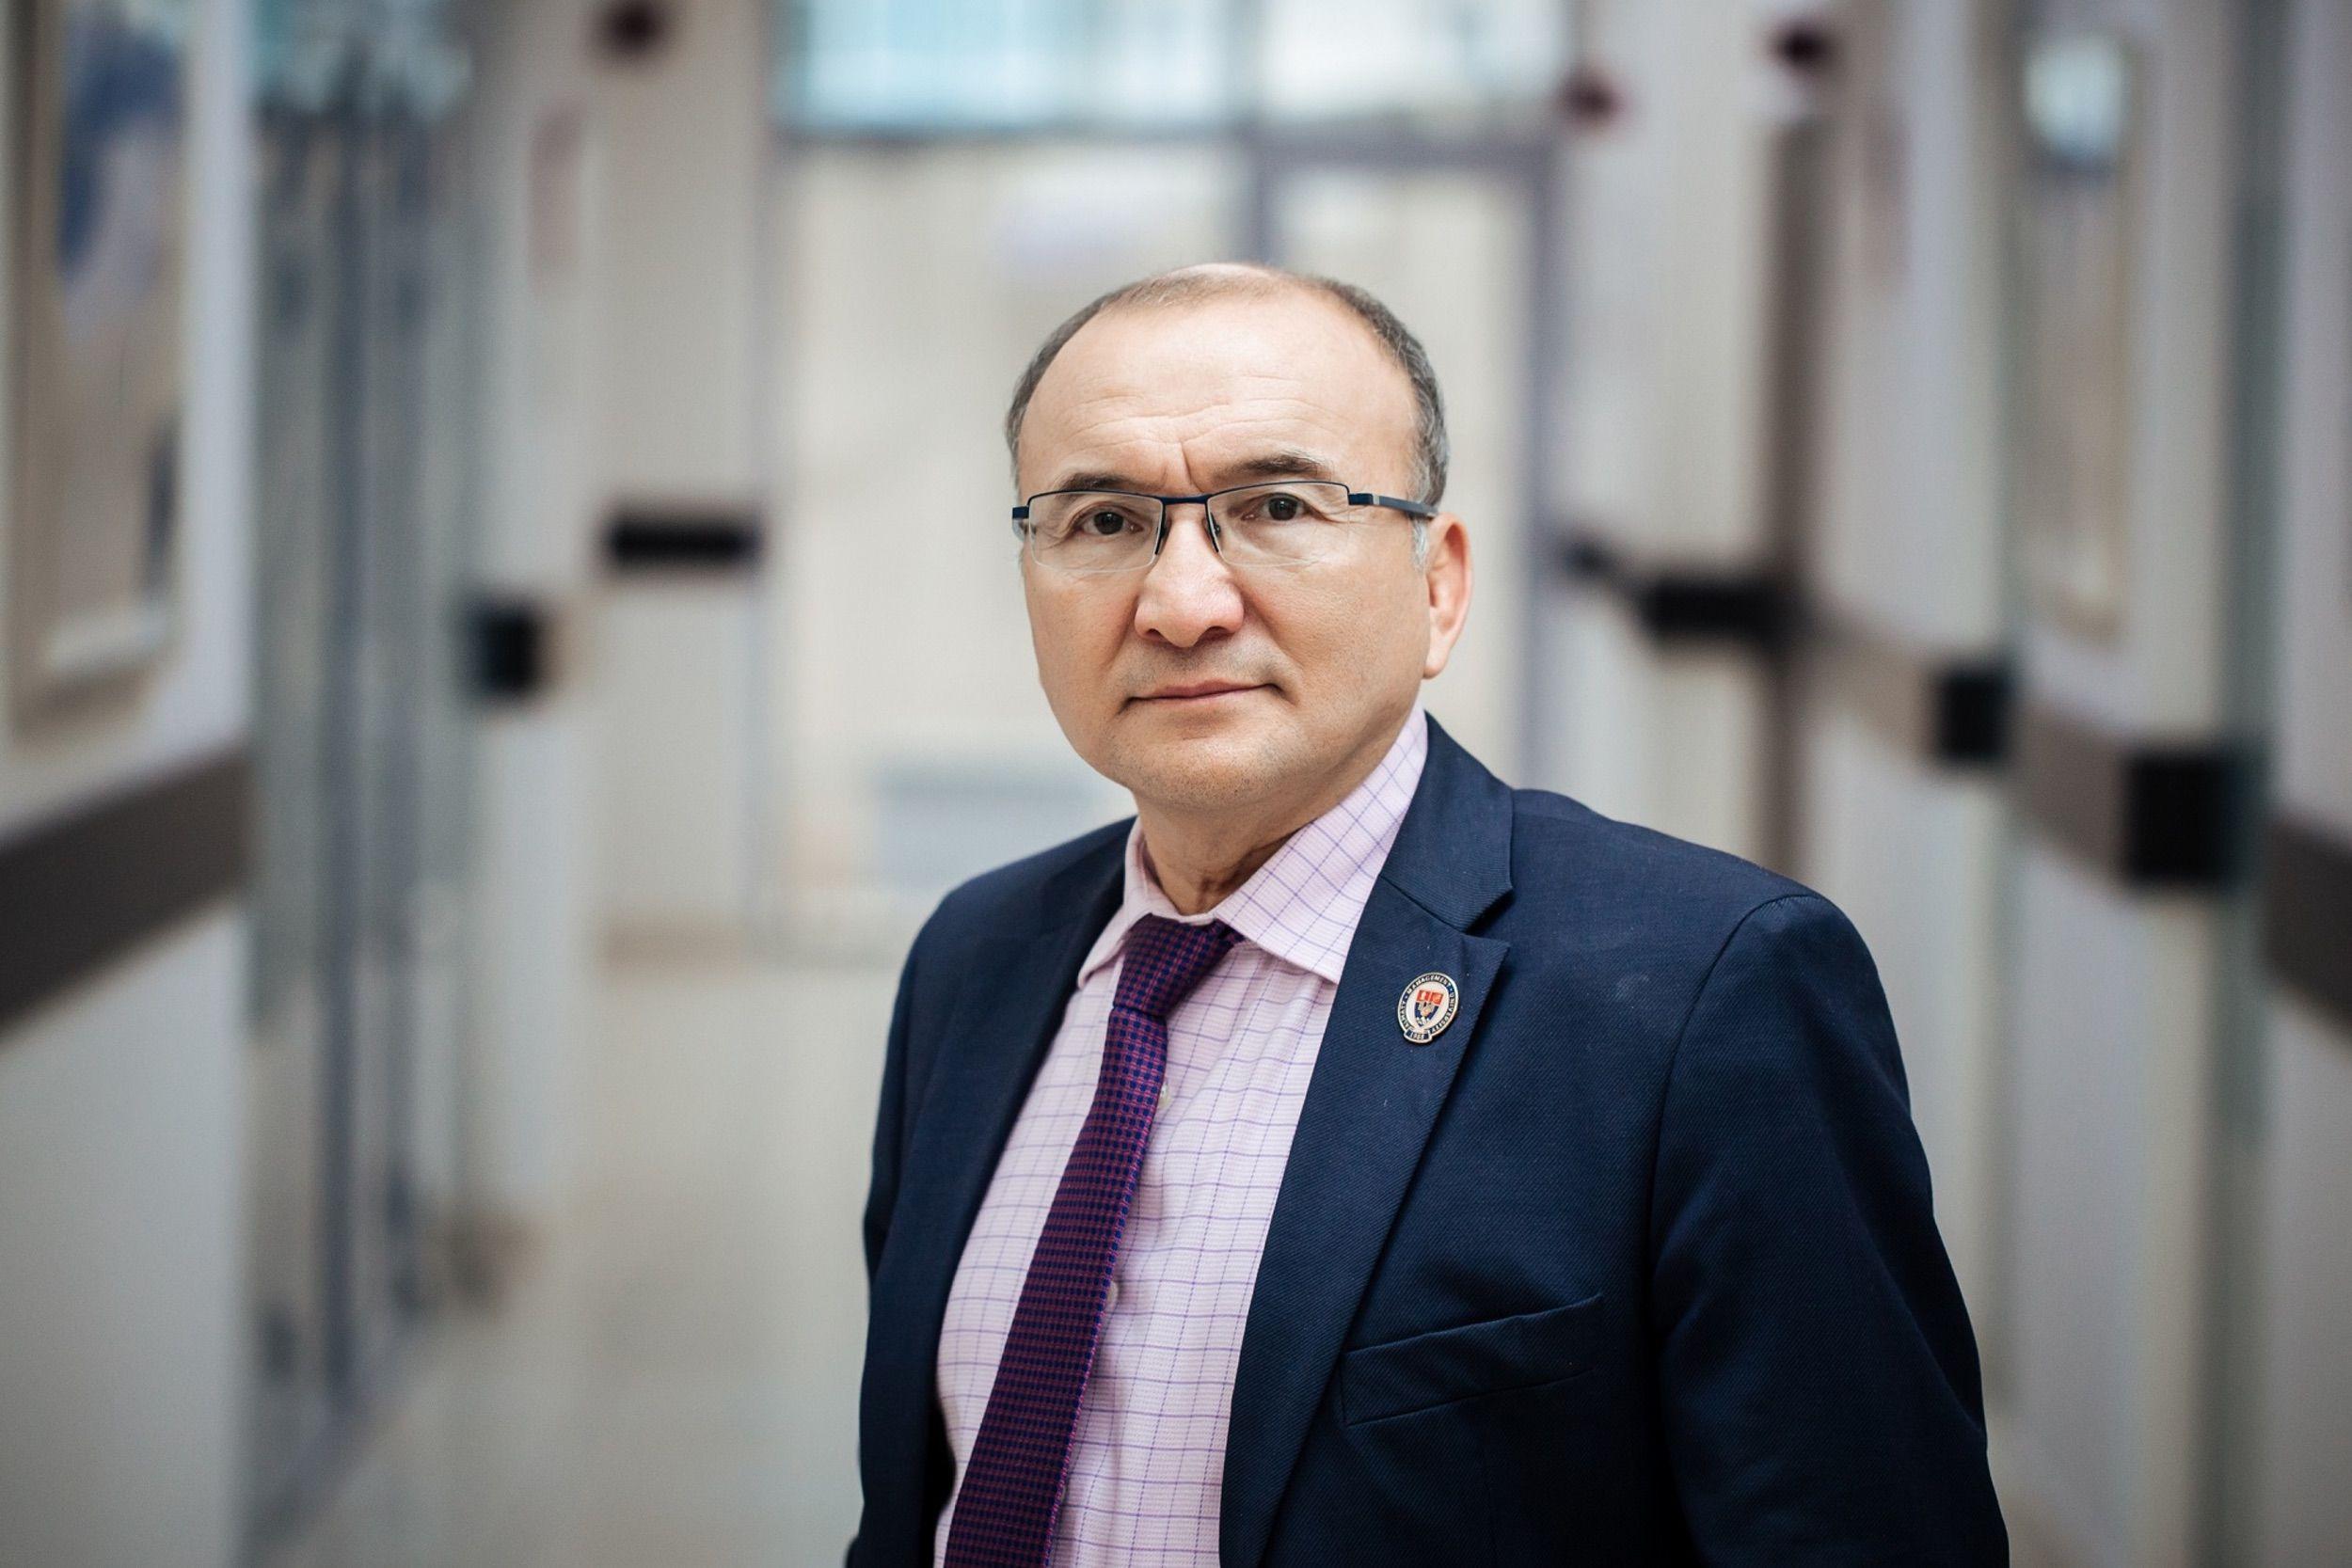 Dr. Assylbek Kozhakhmetov